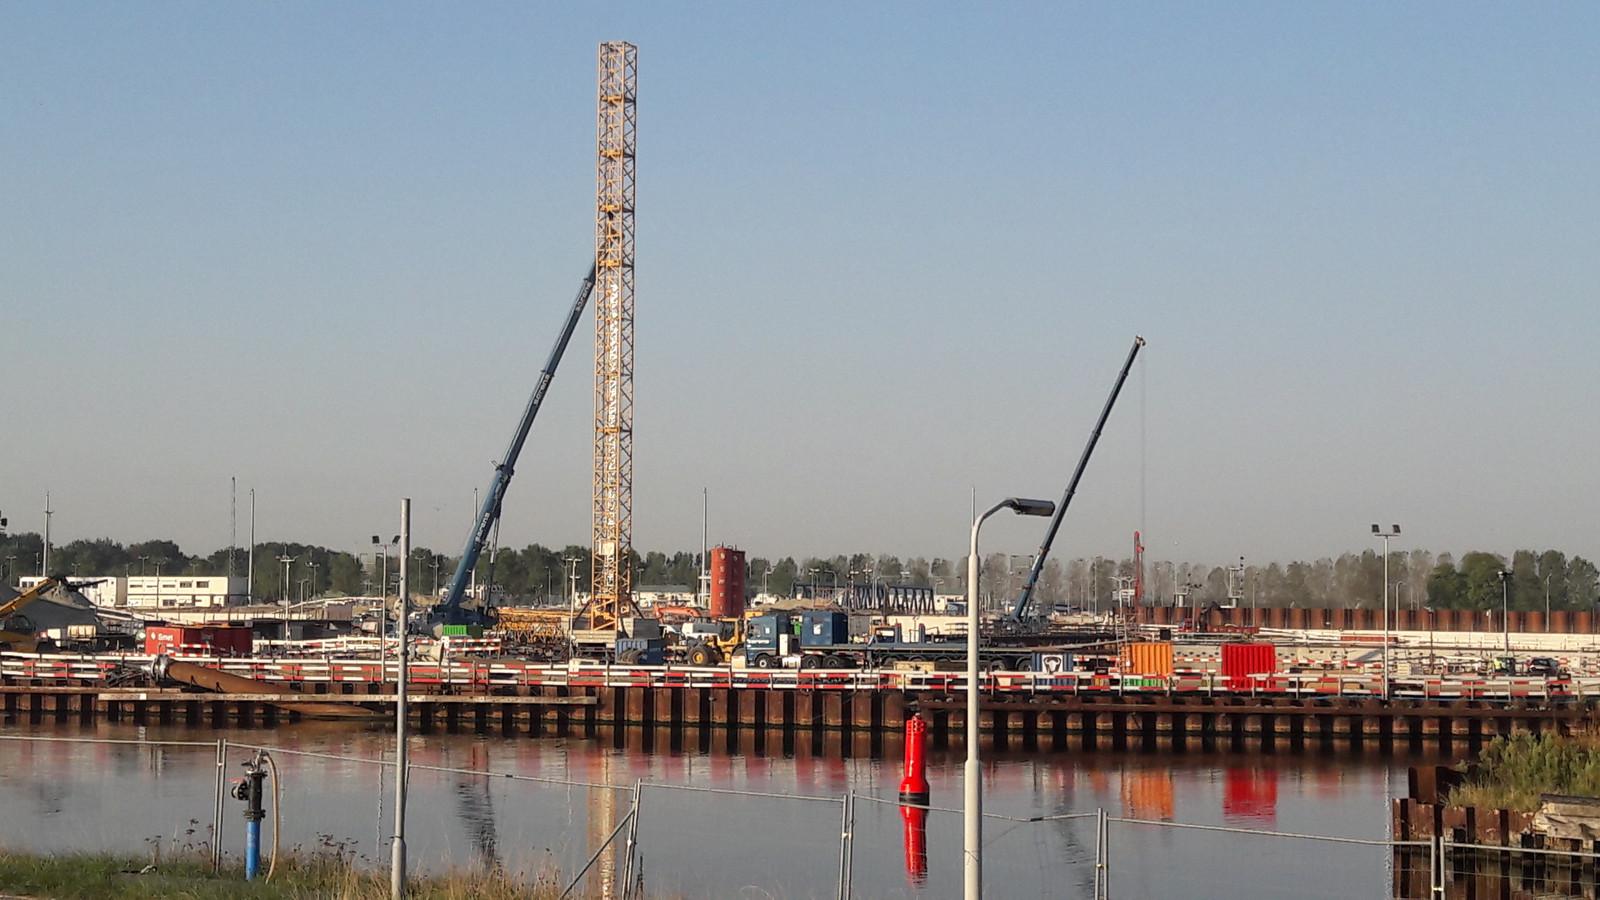 Torenkraan in aanbouw bij het sluishoofd van de Nieuwe Sluis in wording bij Terneuzen, aan de kant van de Westerschelde.